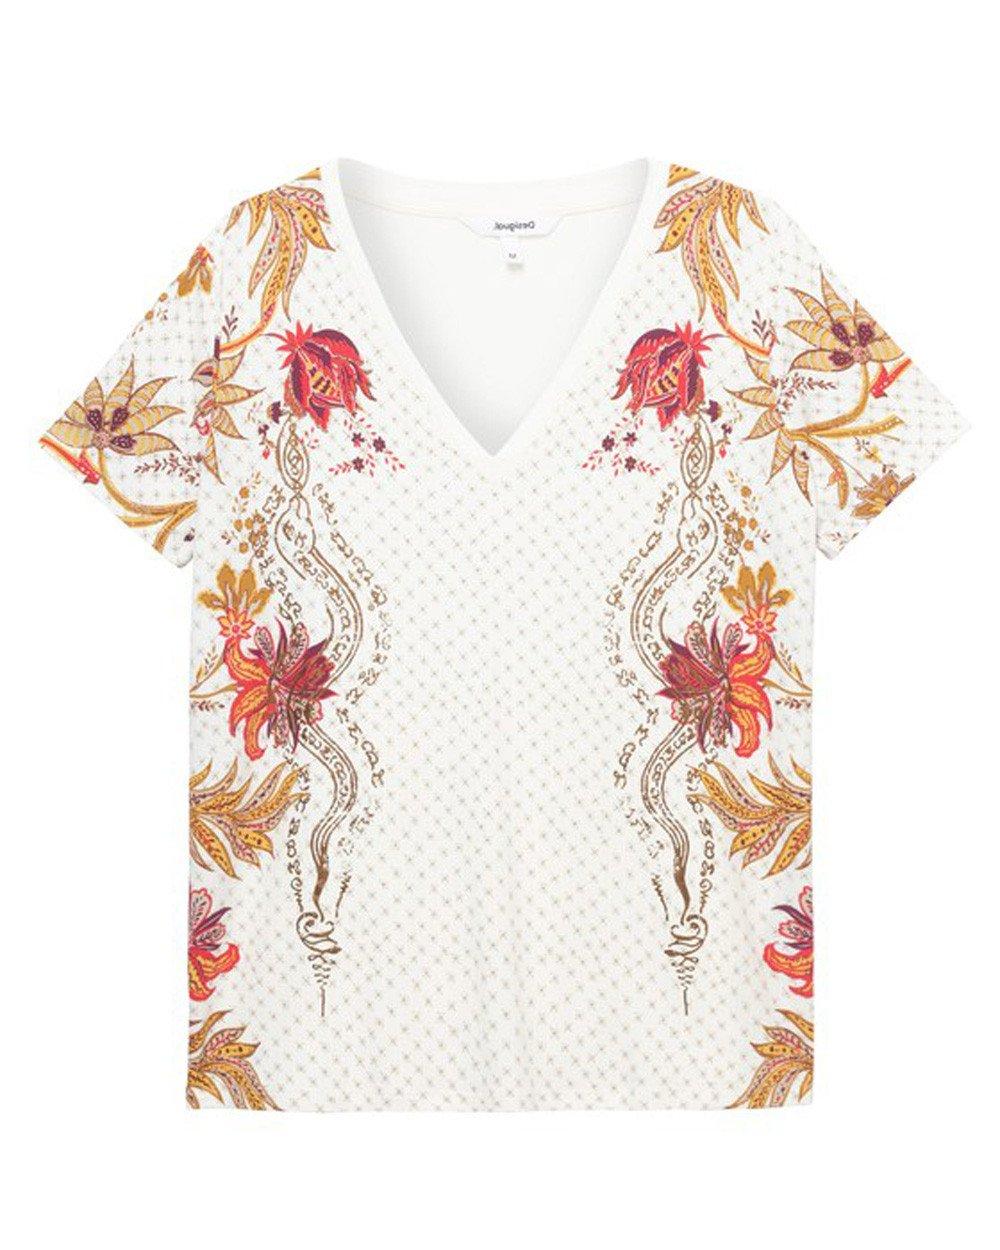 Desigual Women's T-Shirt Various Colours 203856 - white XS